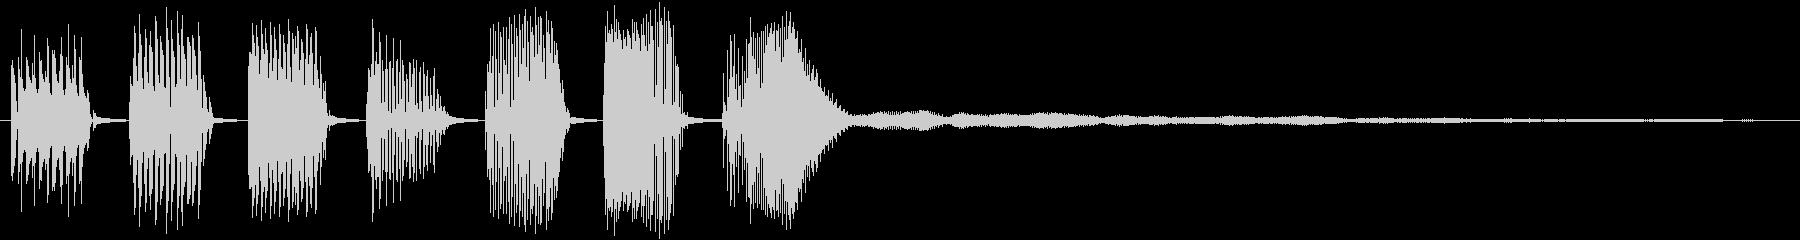 【クイズ】キレの良い出題音2(残響付)の未再生の波形